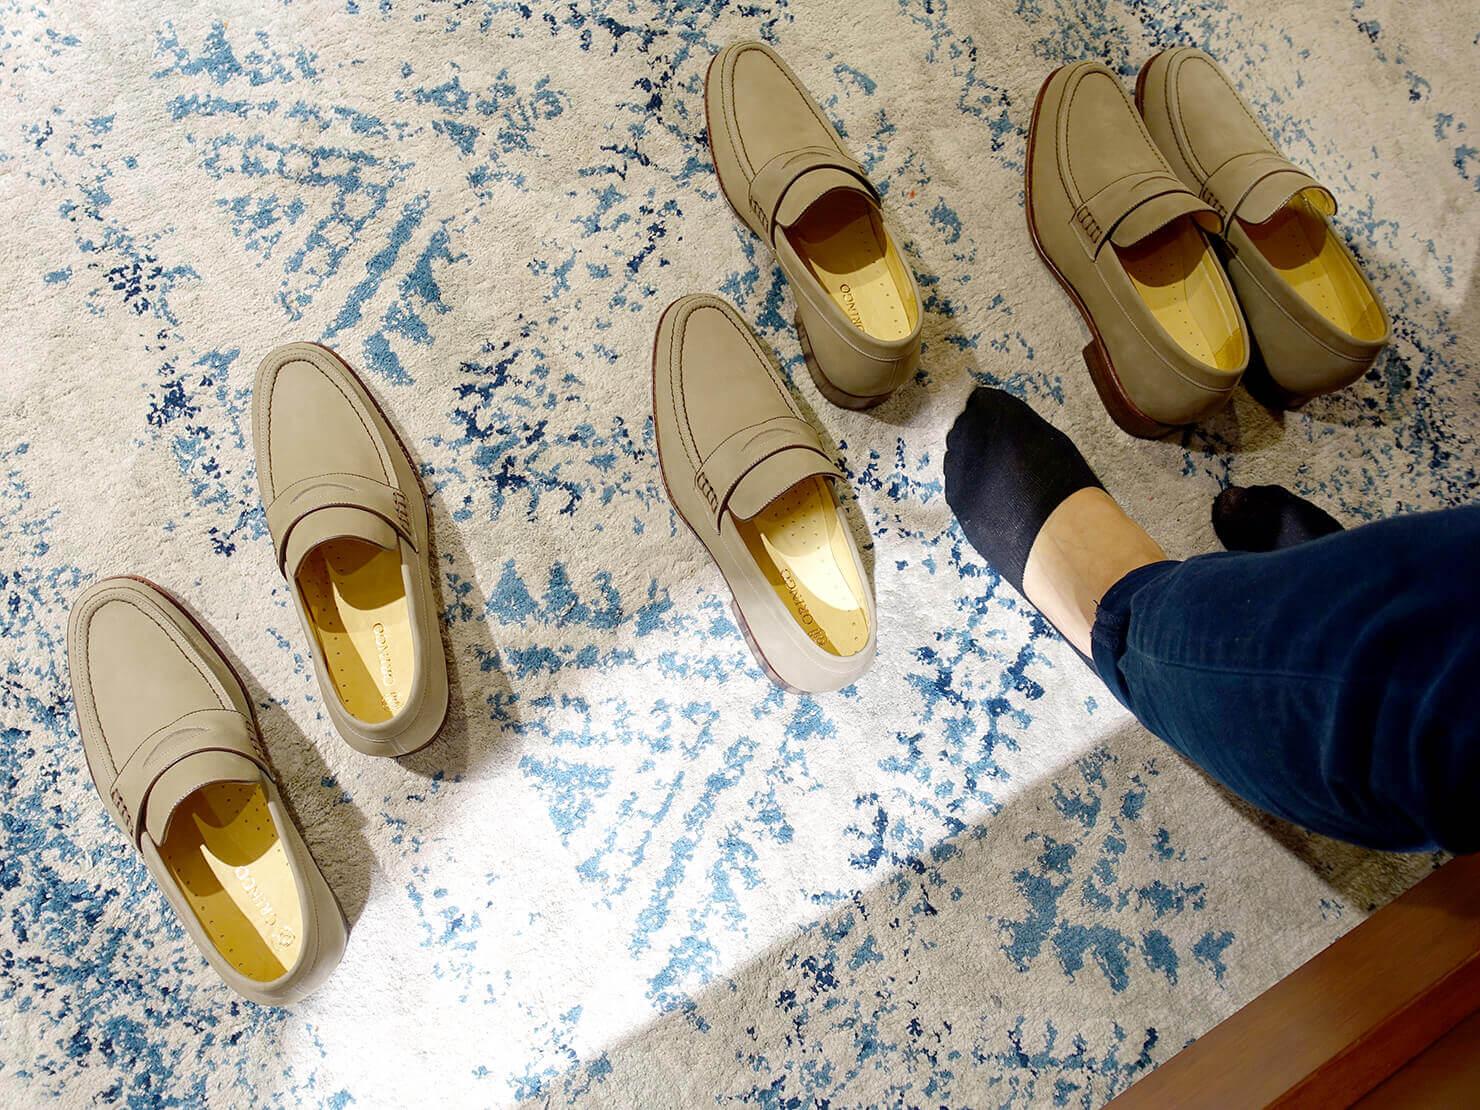 台湾のおすすめ革靴ブランド「林果良品 ORINGO」台北東門店で試着中のメンズ樂福鞋(ローファー)